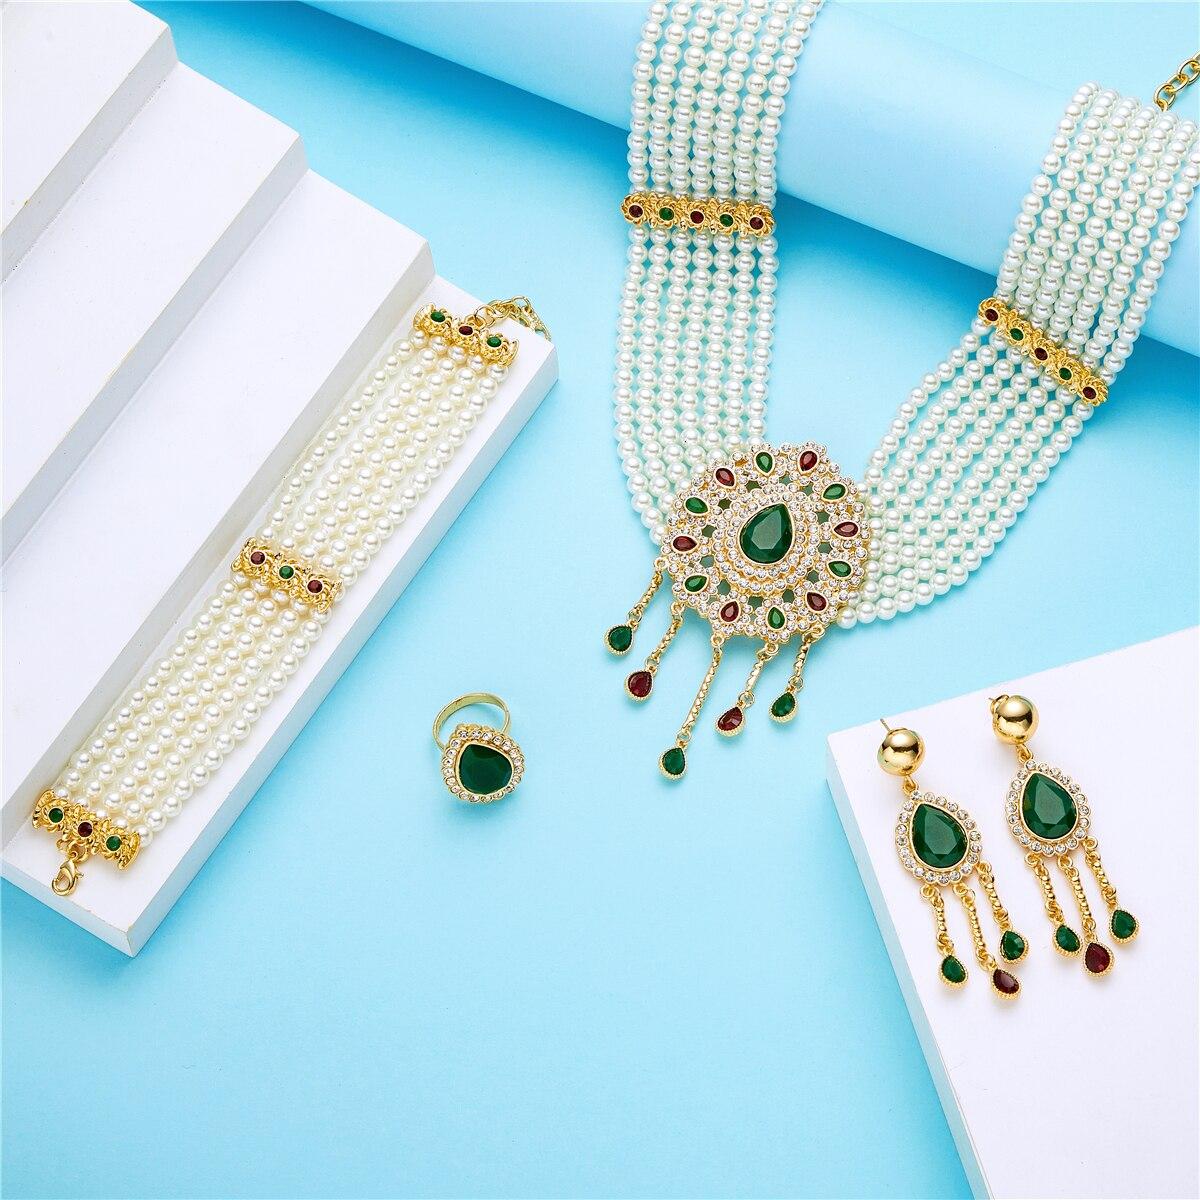 مجموعة مجوهرات الزفاف اللؤلؤ للنساء ، مجموعة مجوهرات الأزياء ، مجموعة مجوهرات اللؤلؤ